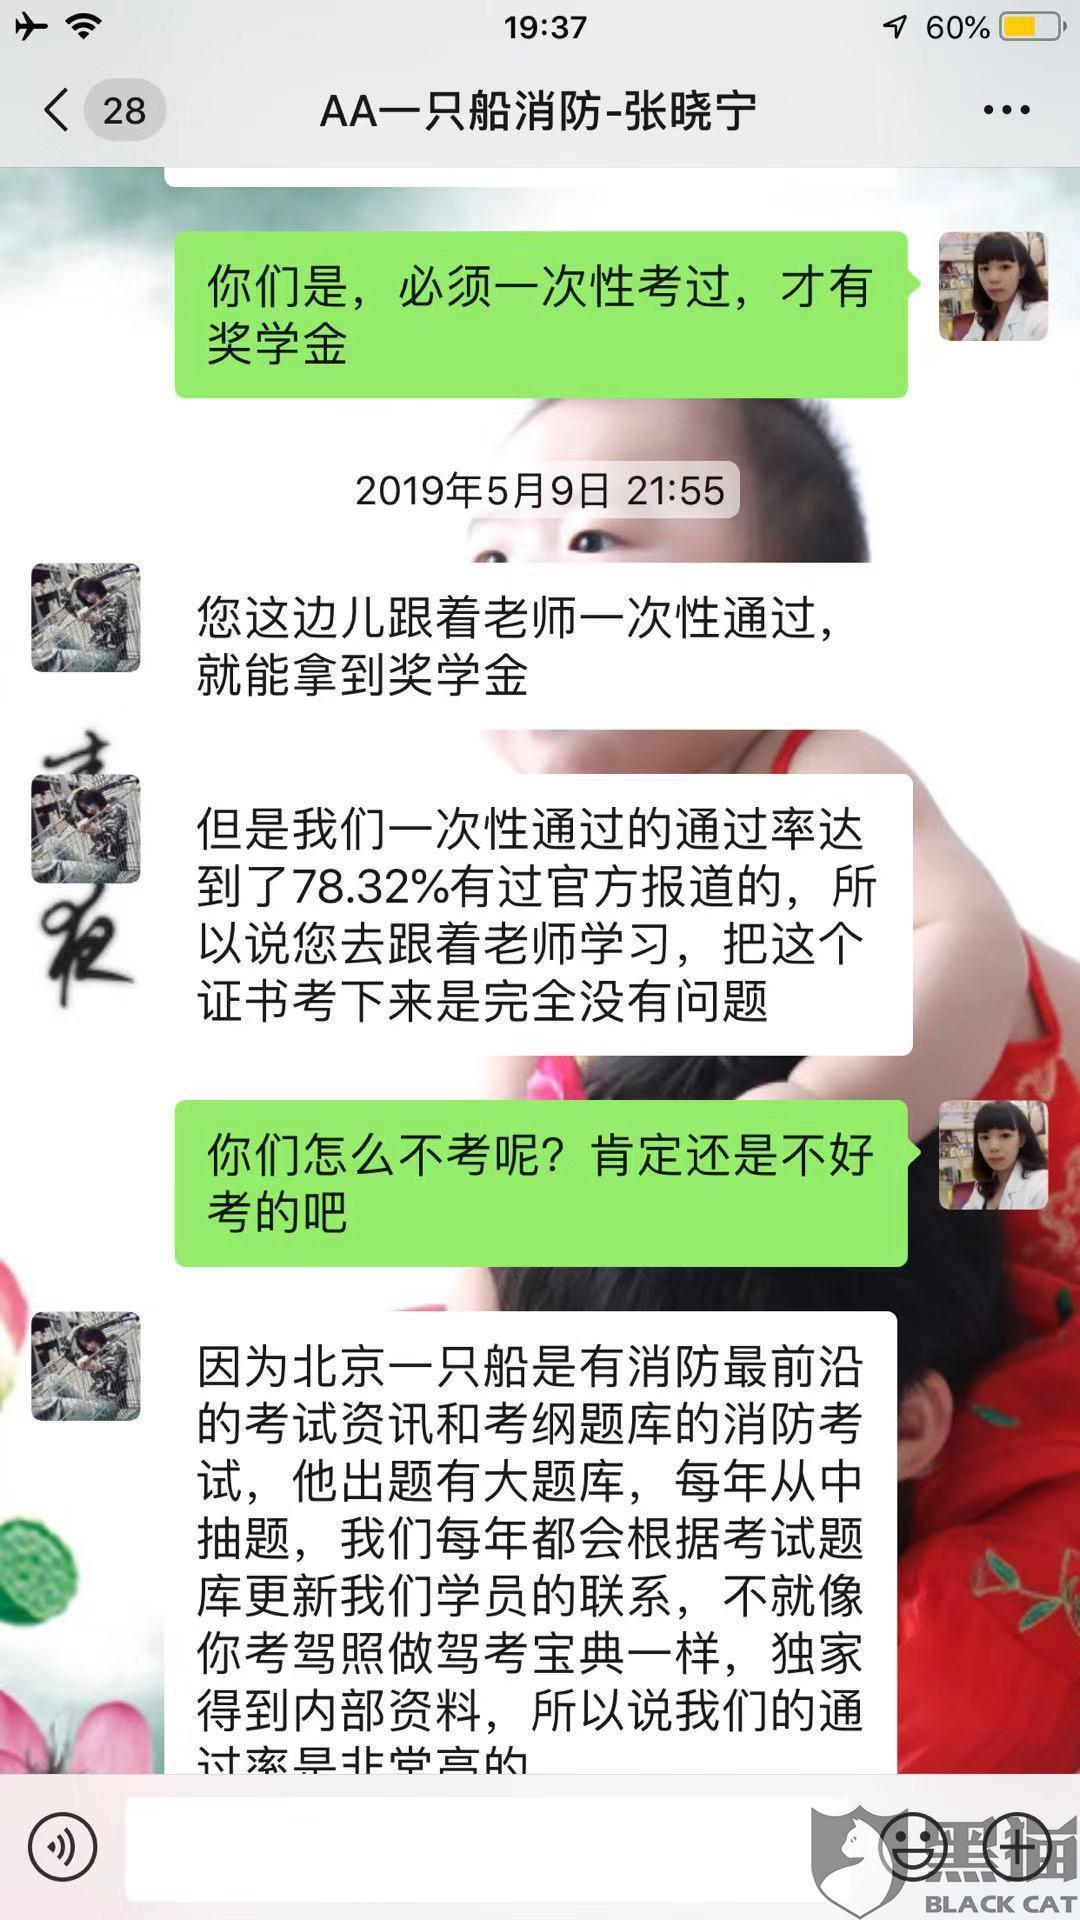 黑猫投诉:北京一只船虚假宣传,服务不到位,承诺不兑现,过渡承诺